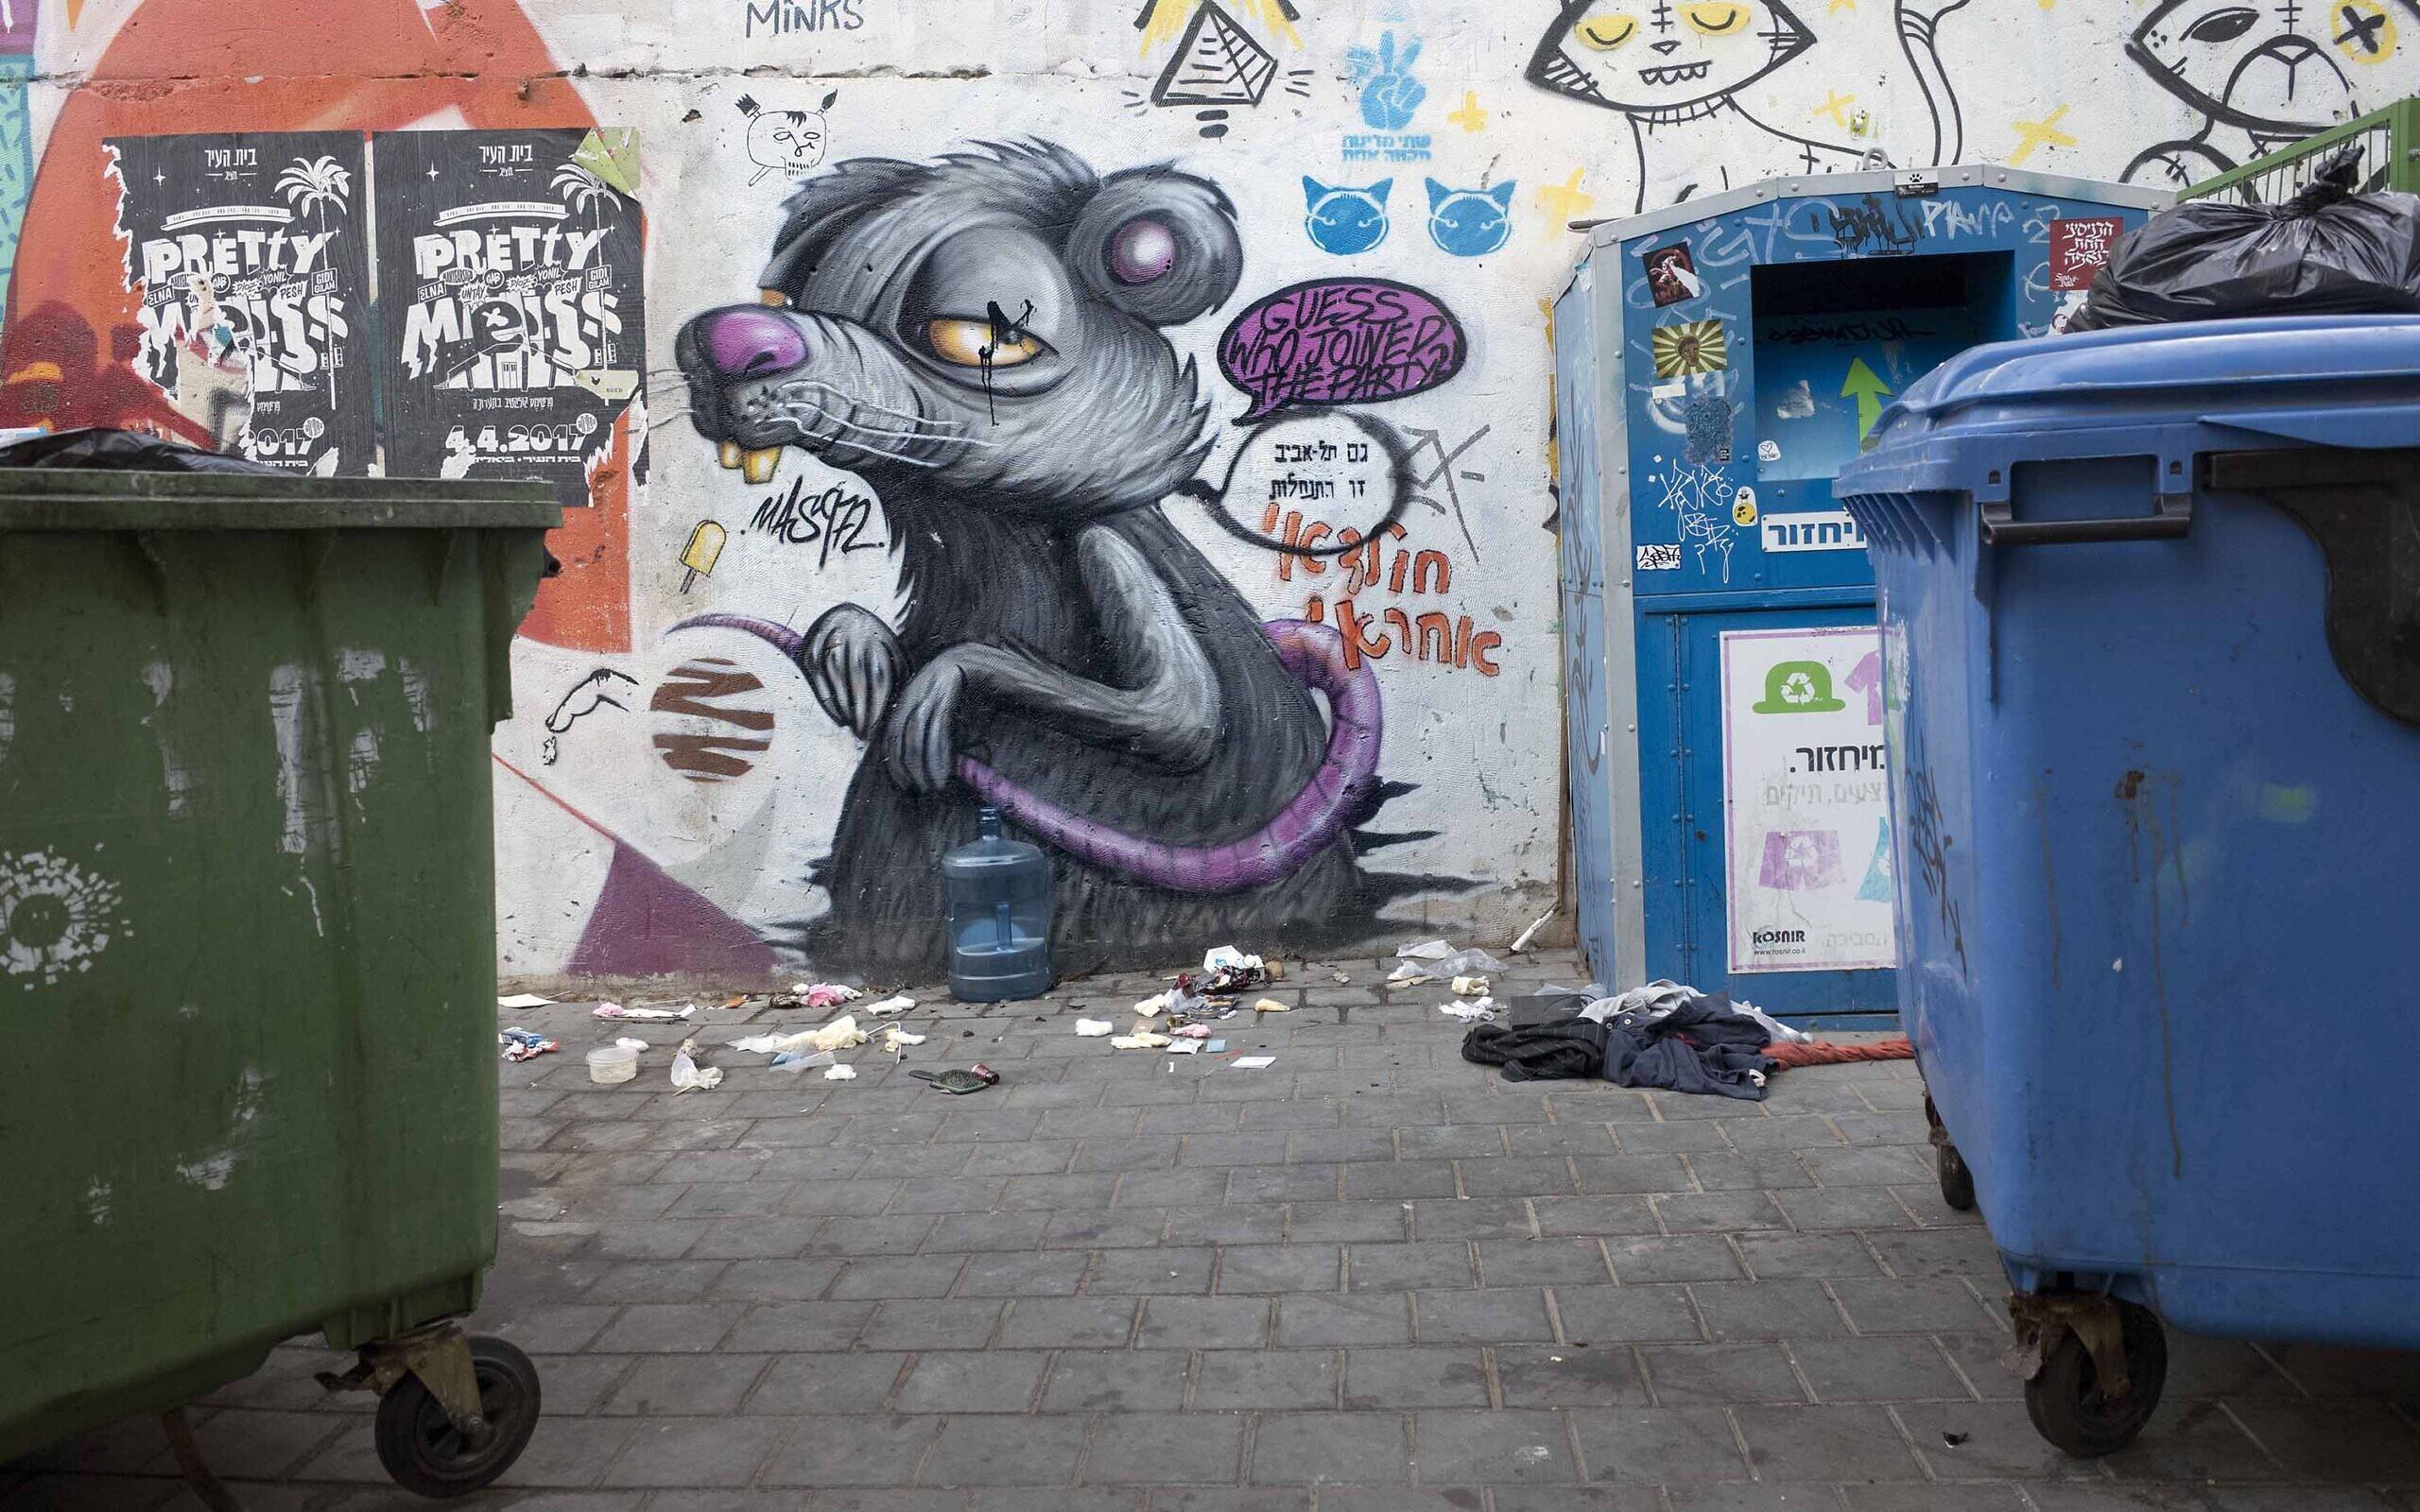 Street art in Tel Aviv by Mas972. (Lord K2)